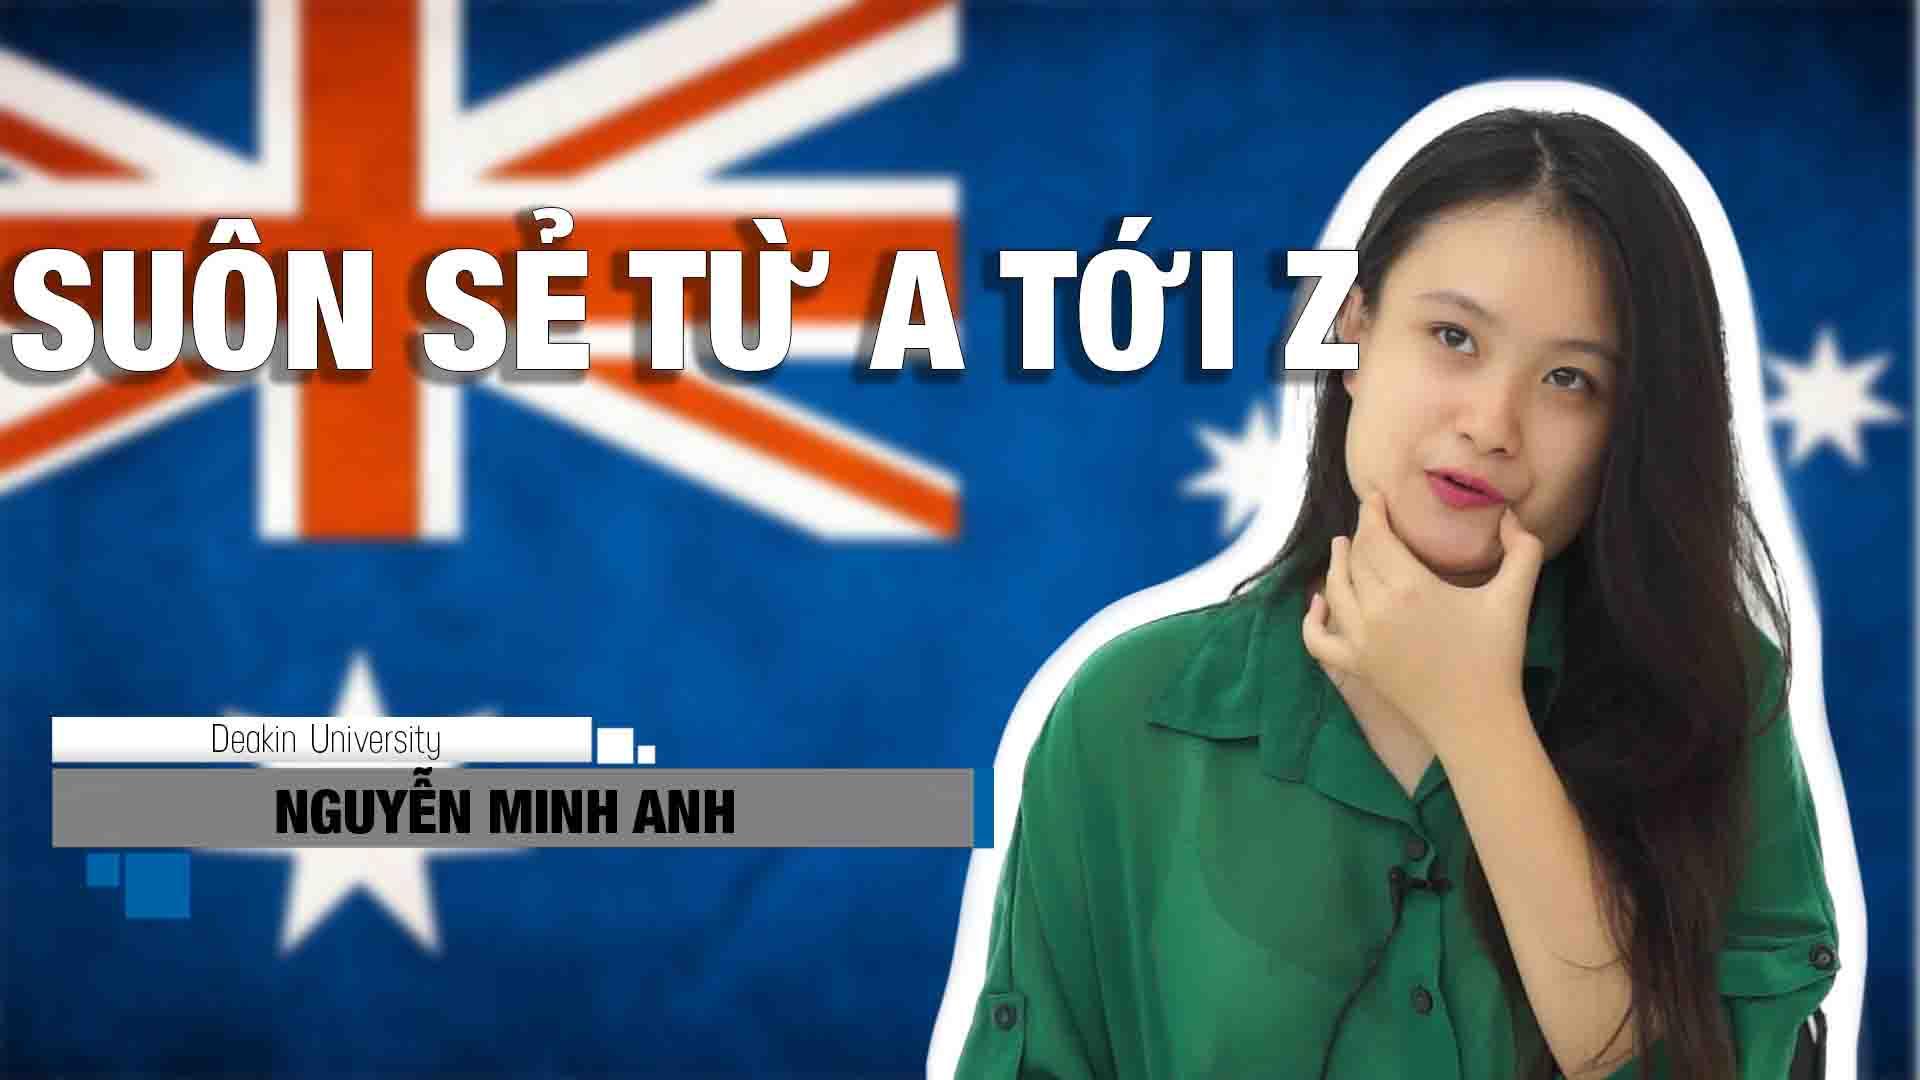 Lắng nghe chia sẻ của bạn Nguyễn Minh Anh, tân sinh viên ngành Dinh dưỡng, trường Deakin - Úc. Làm sao để hồ sơ du học Úc suôn sẻ từ A tới Z?